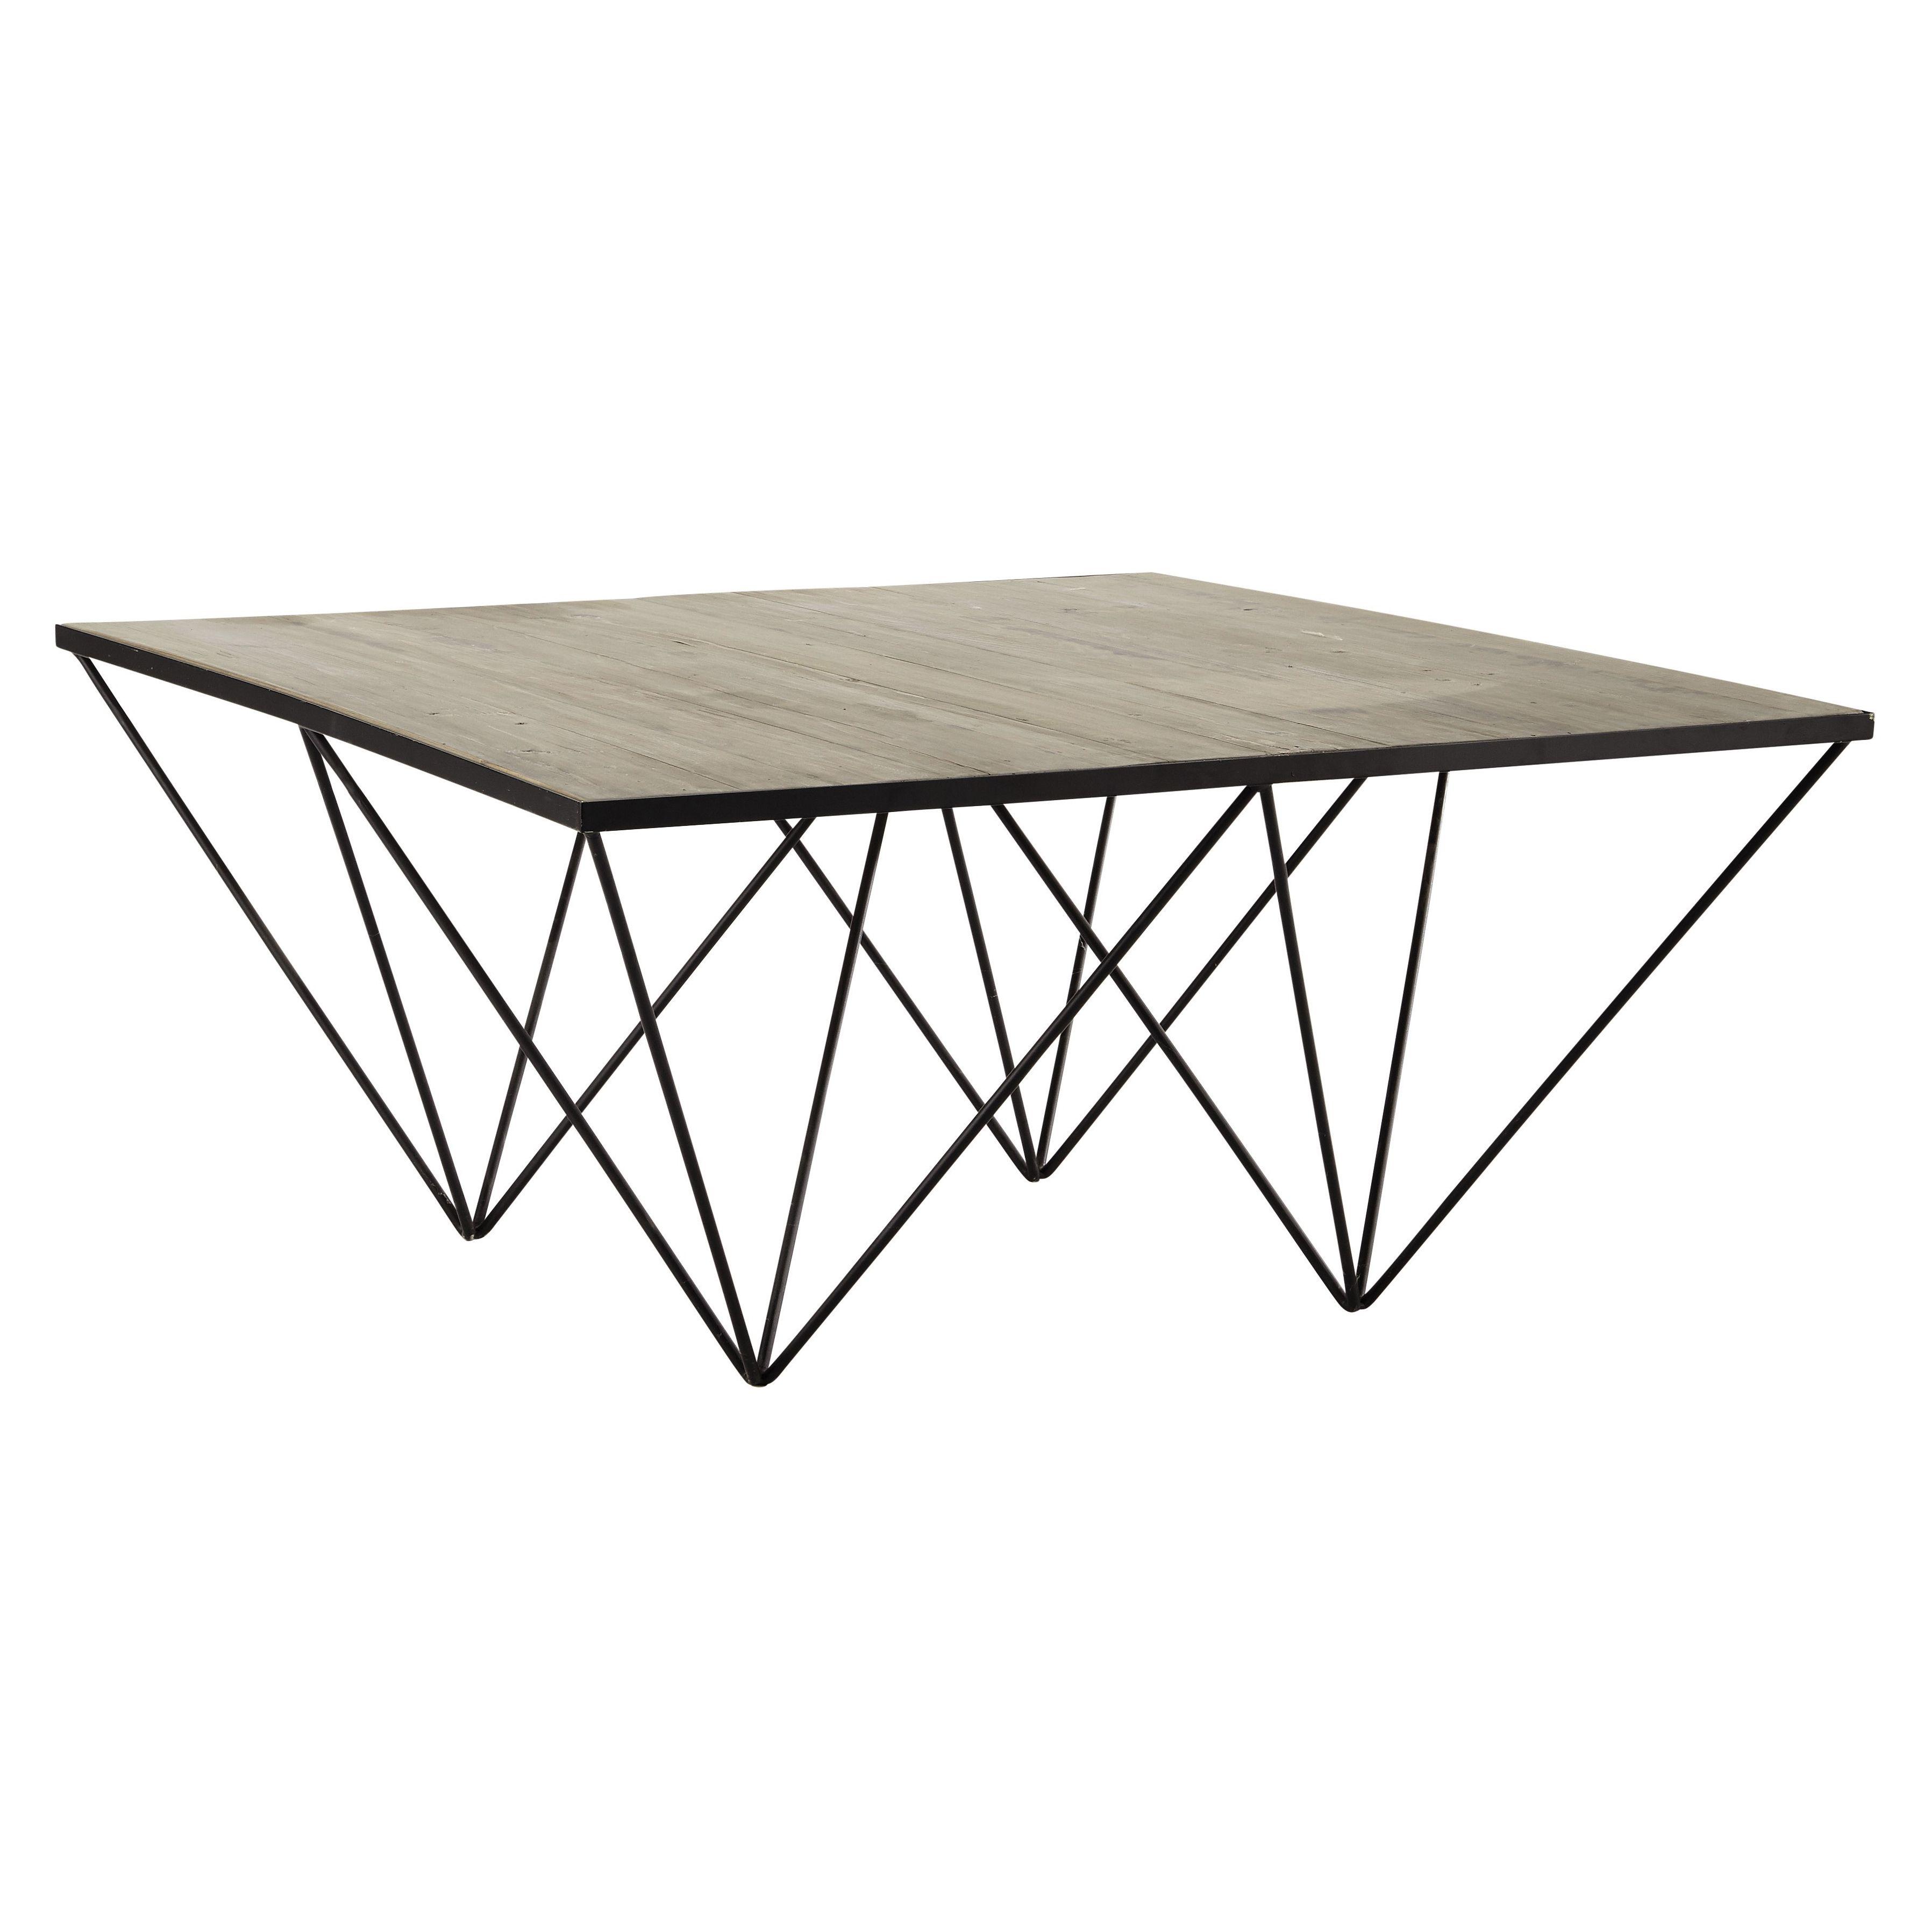 Table Basse Carree En Bois Recycle Et Metal L 100 Cm Diamond Table Basse Carree Table Basse Table Basse Carree Bois